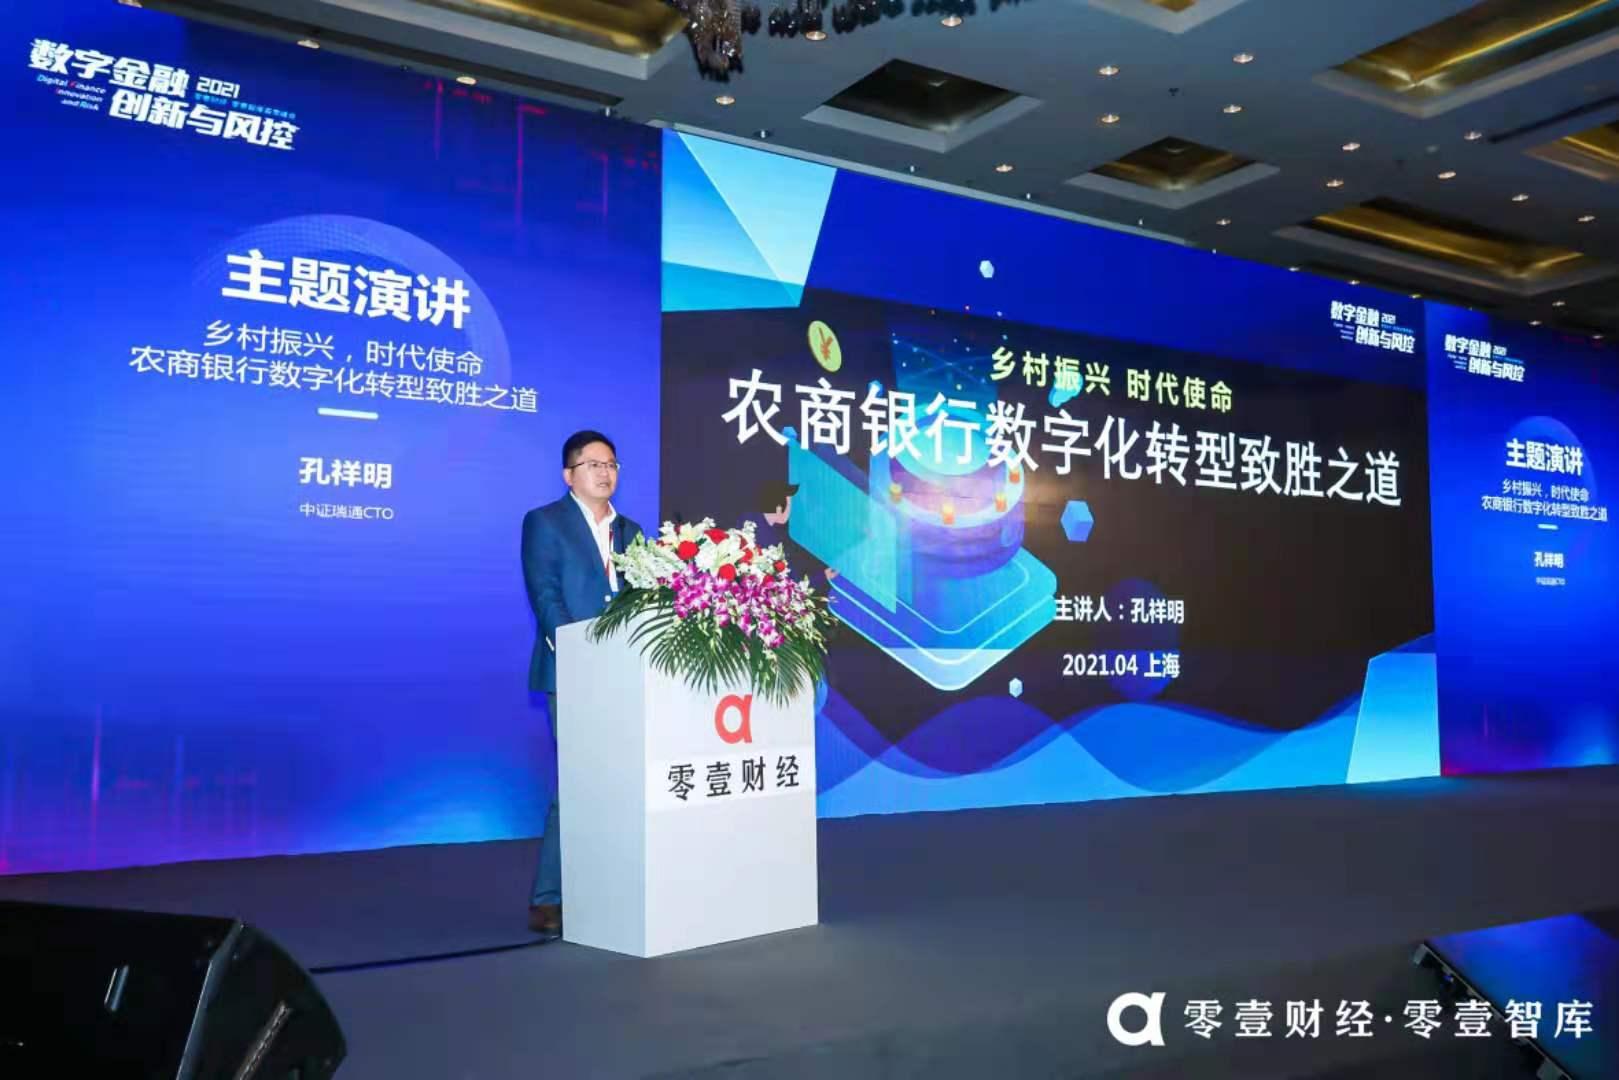 中证瑞通CTO孔祥明:农商银行数字化转型致胜之道